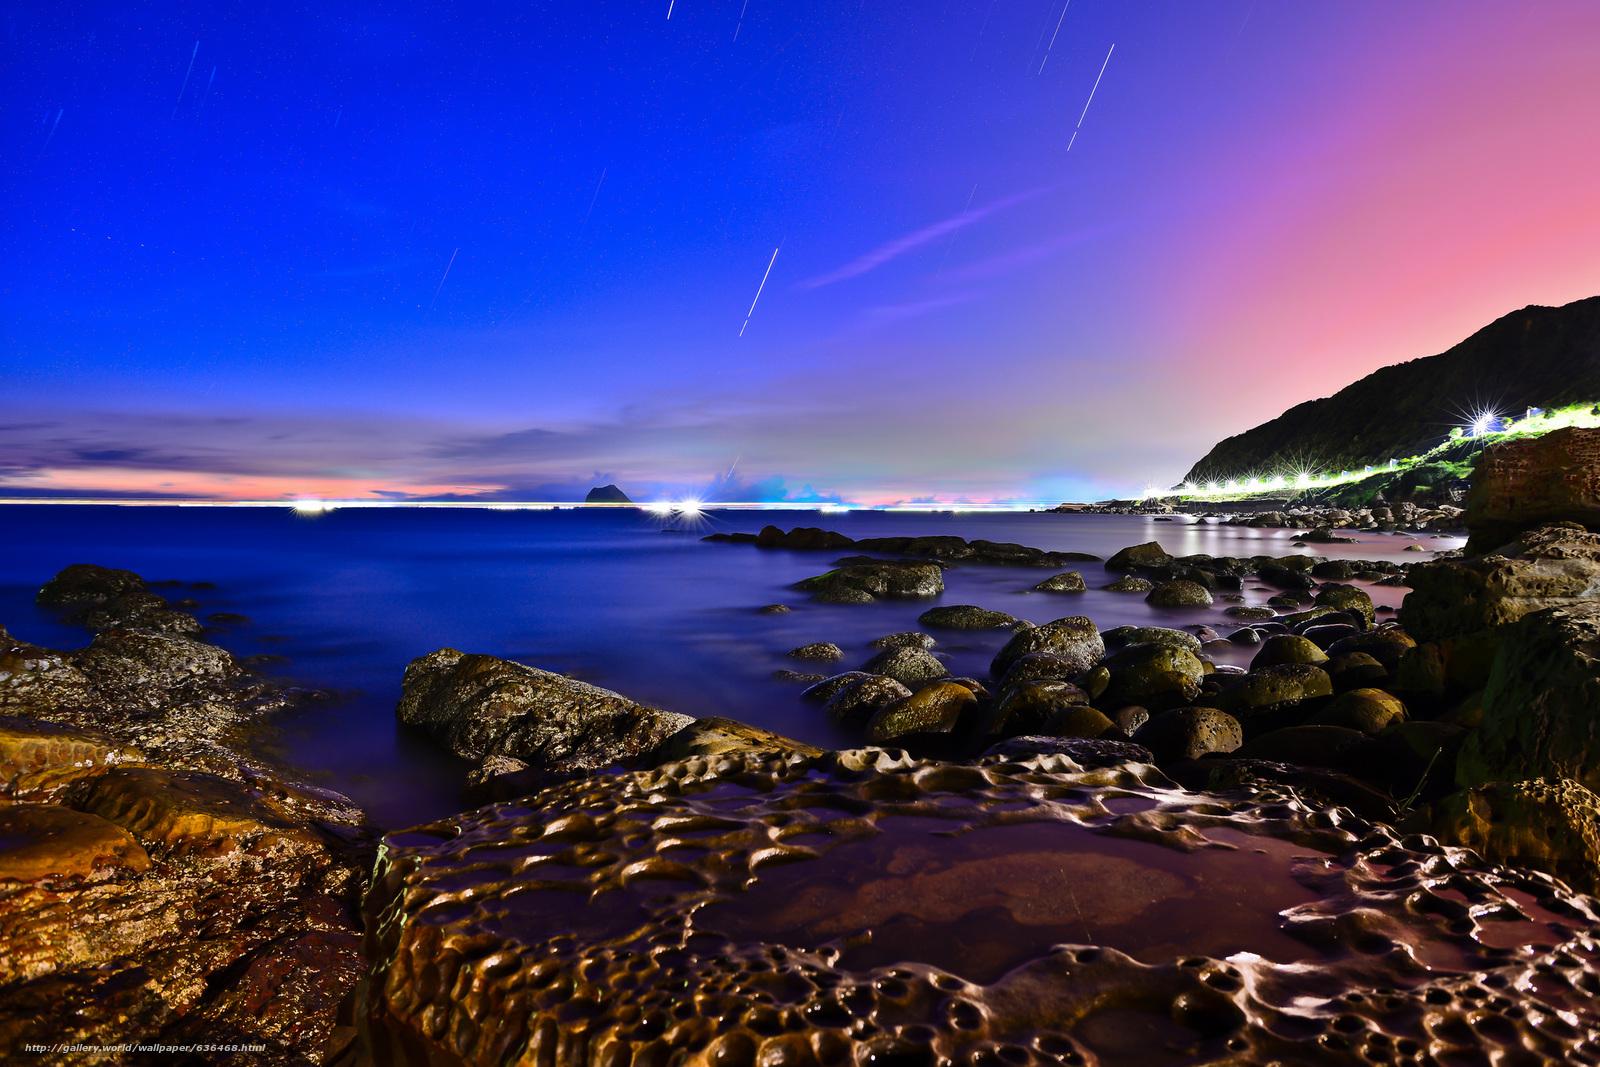 Скачать обои закат,  море,  берег,  скалы бесплатно для рабочего стола в разрешении 2048x1366 — картинка №636468